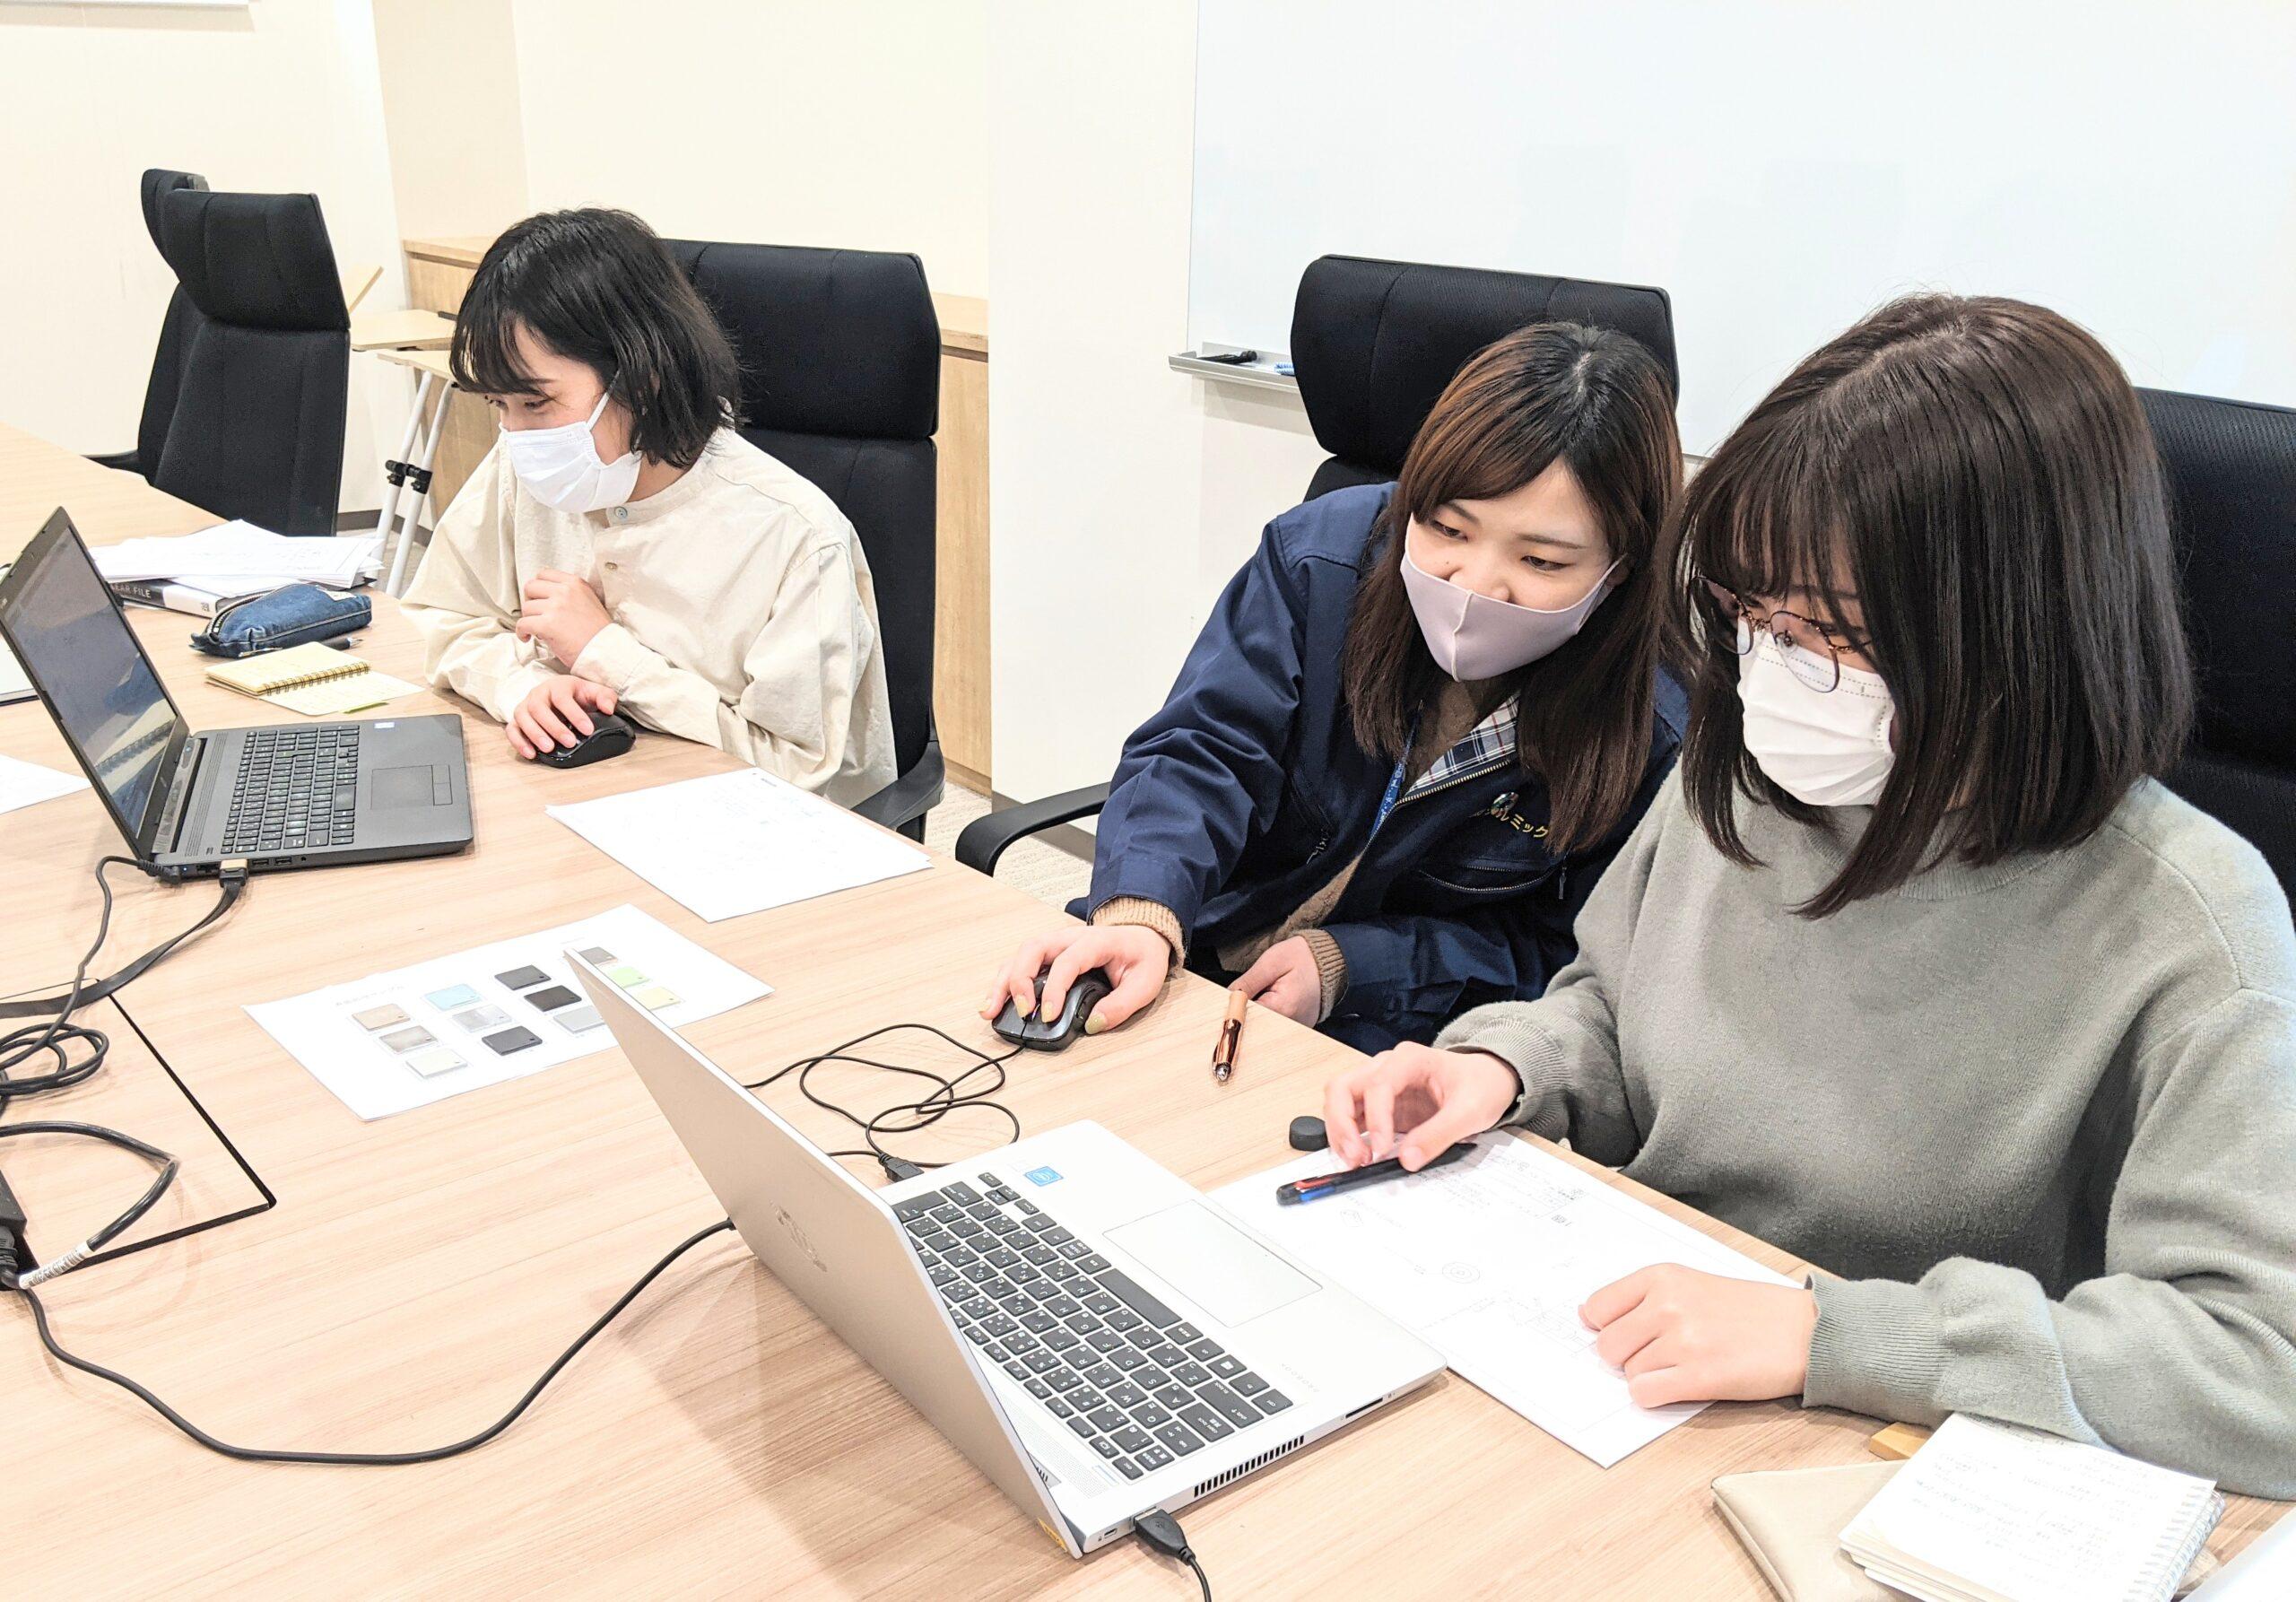 【労働新聞_掲載】10年で社員6割が女性に